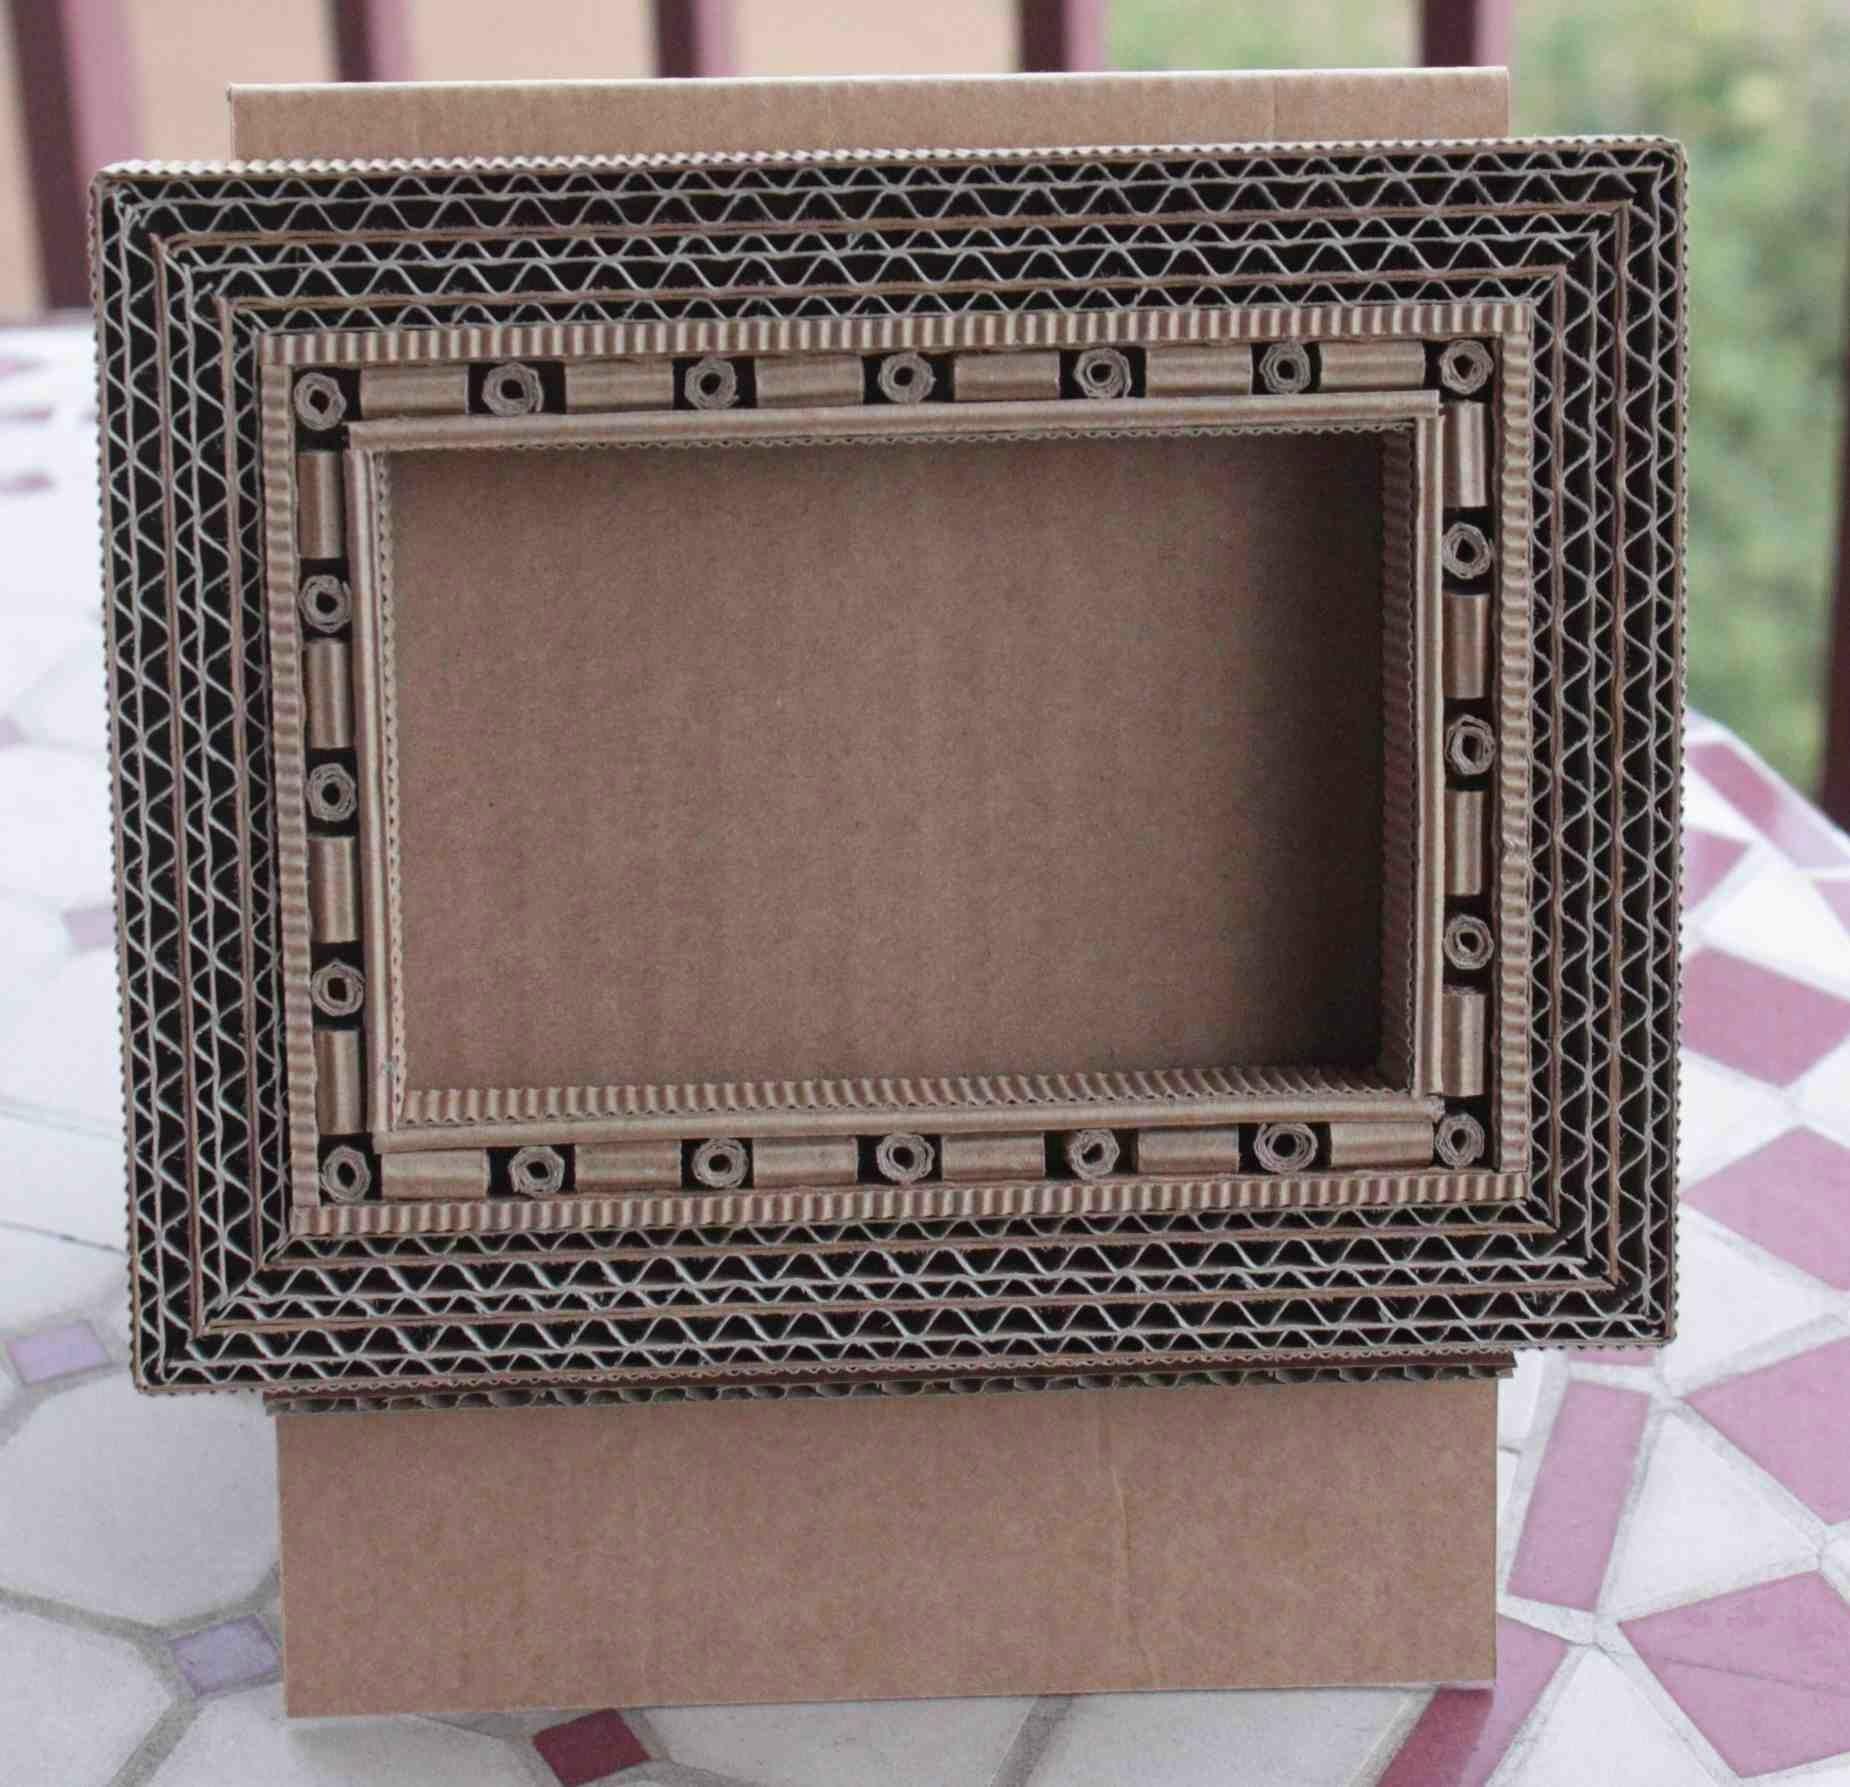 claude jeantet carton - Buscar con Google | marcs cartro | Pinterest ...